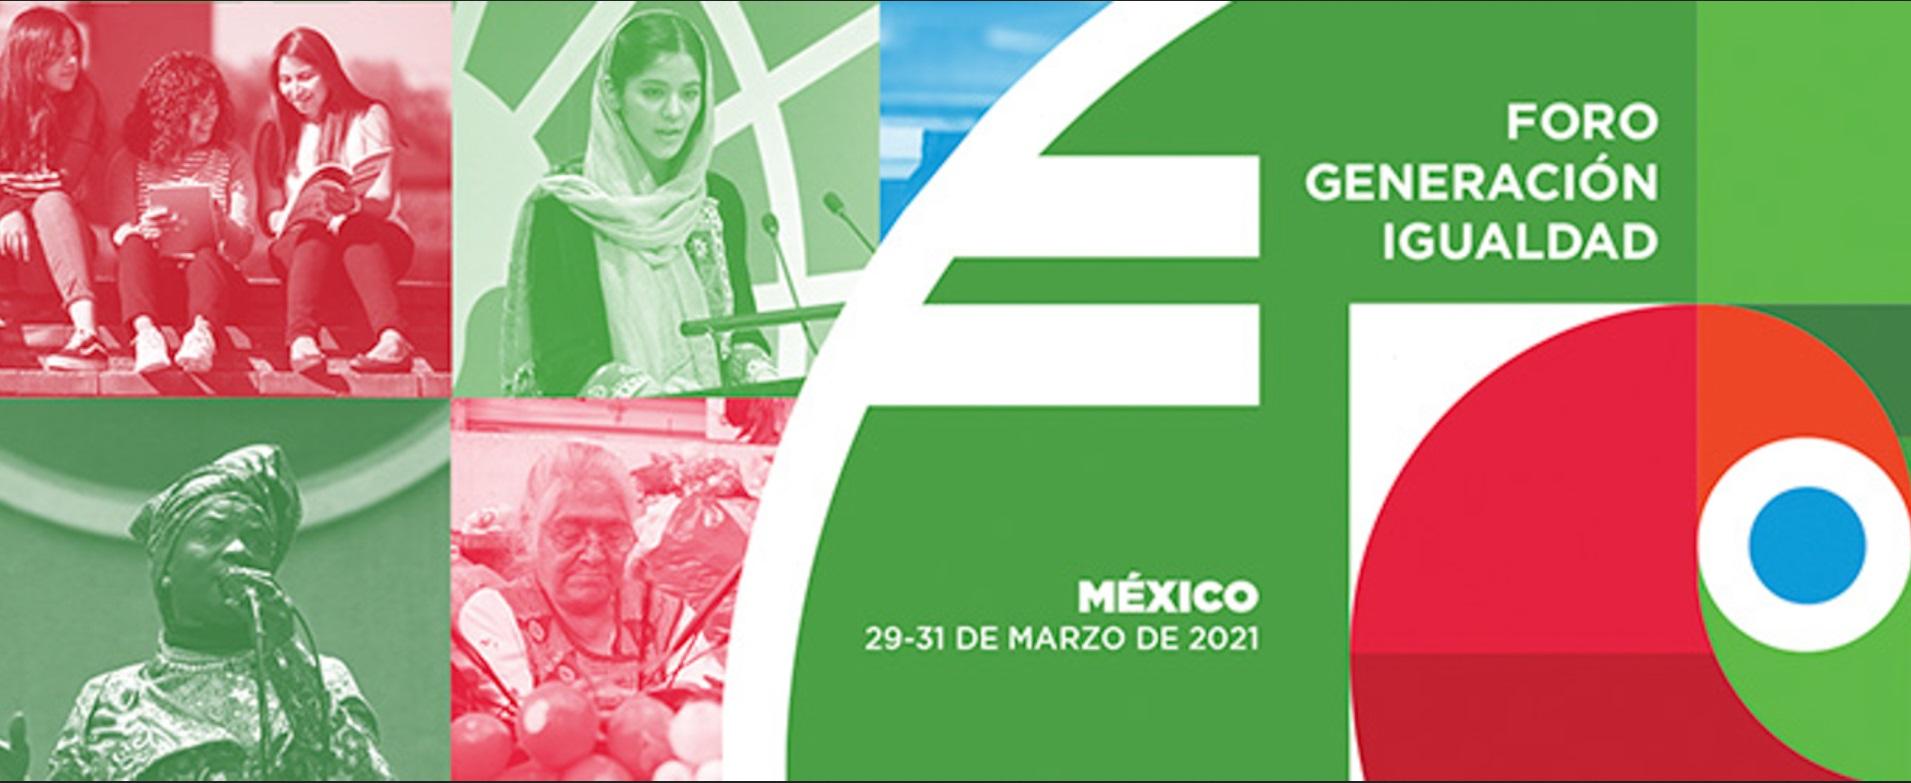 Foro Generación Igualdad 2021: Fortalecer nuestra agenda feminista